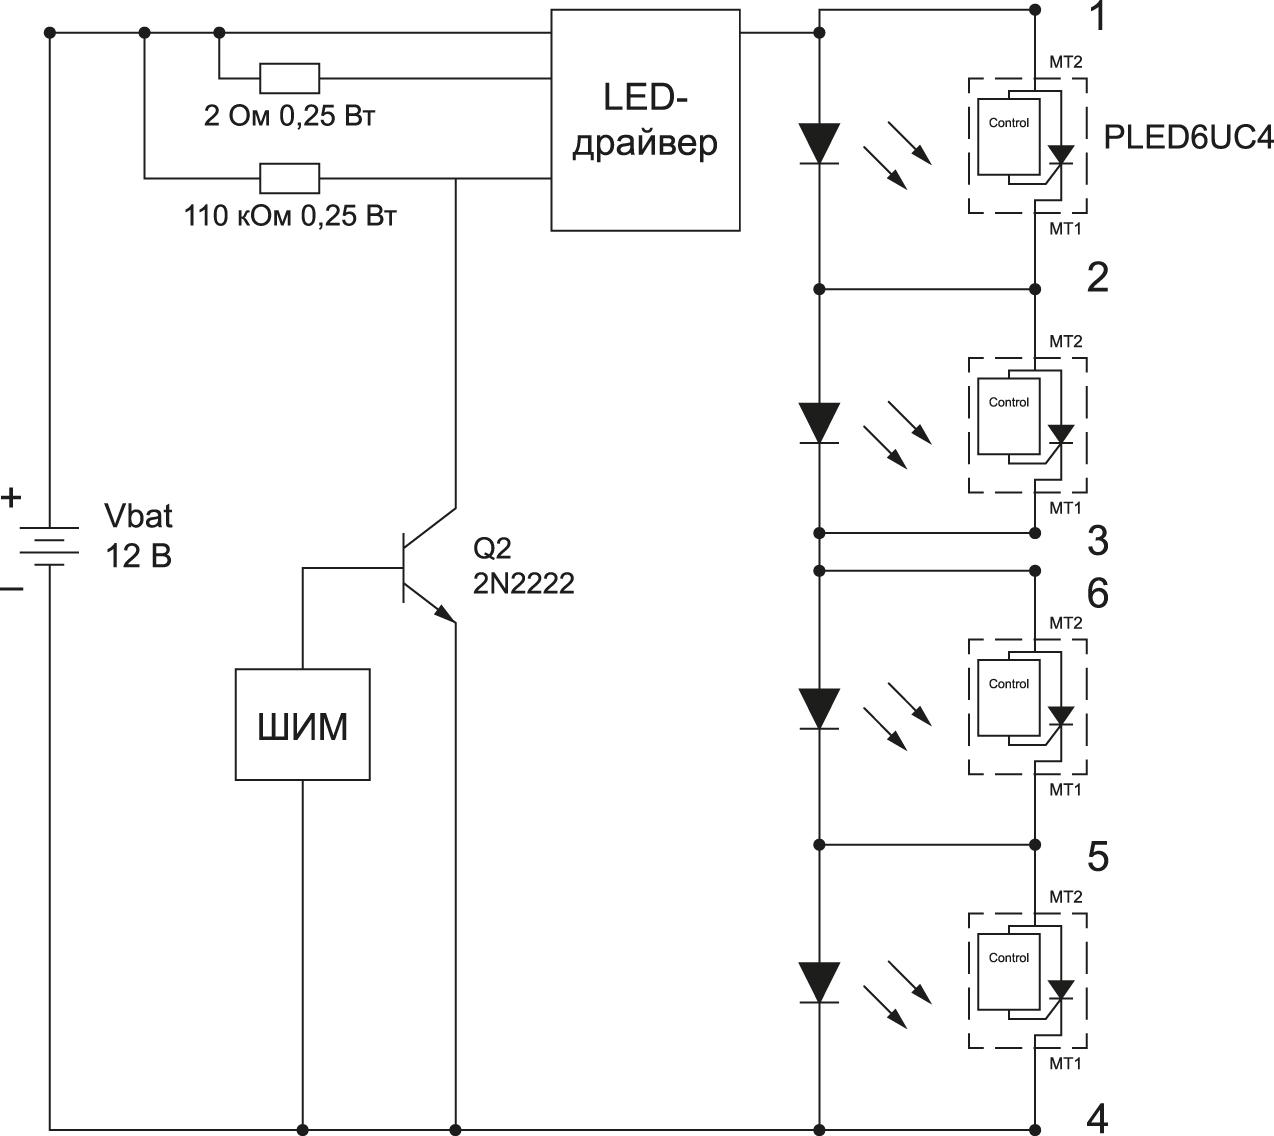 Схема, печатная плата и корпус для автомобильного усилителя на tda7560